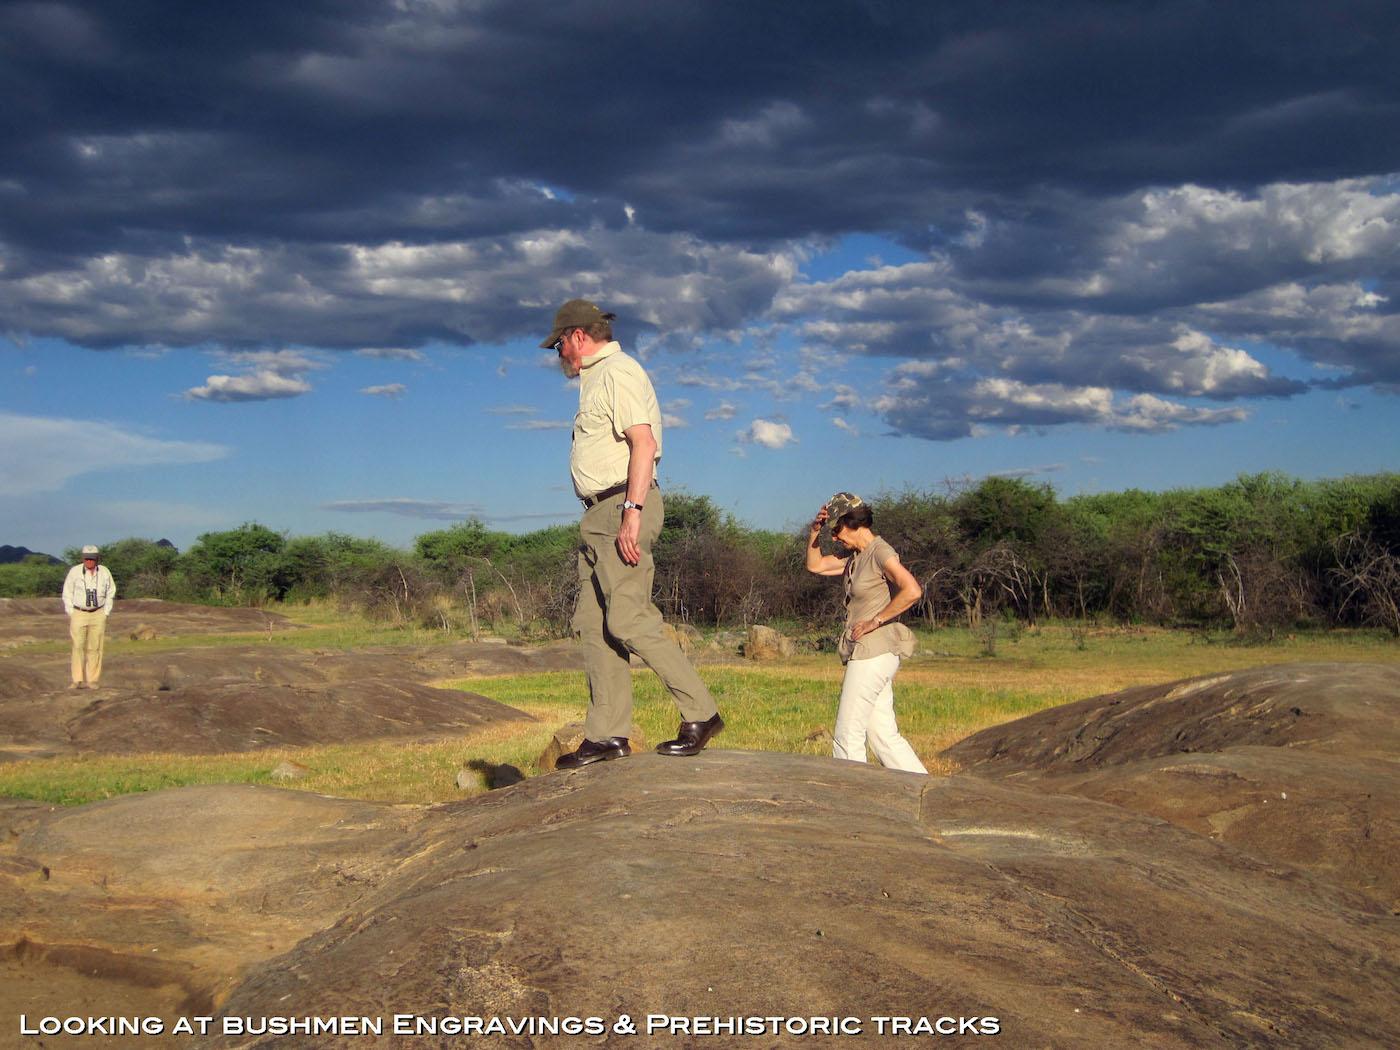 namibia-hunting-bushmen-engravings